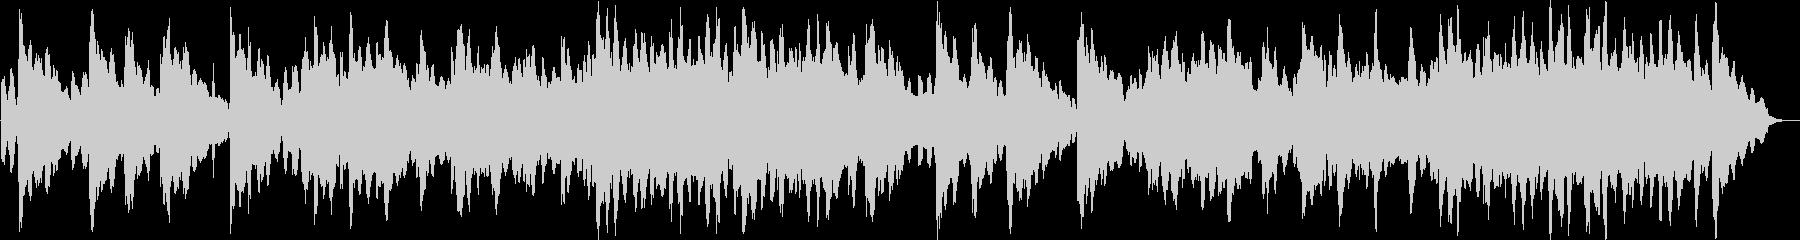 切ないシンセサイザーサウンドの未再生の波形